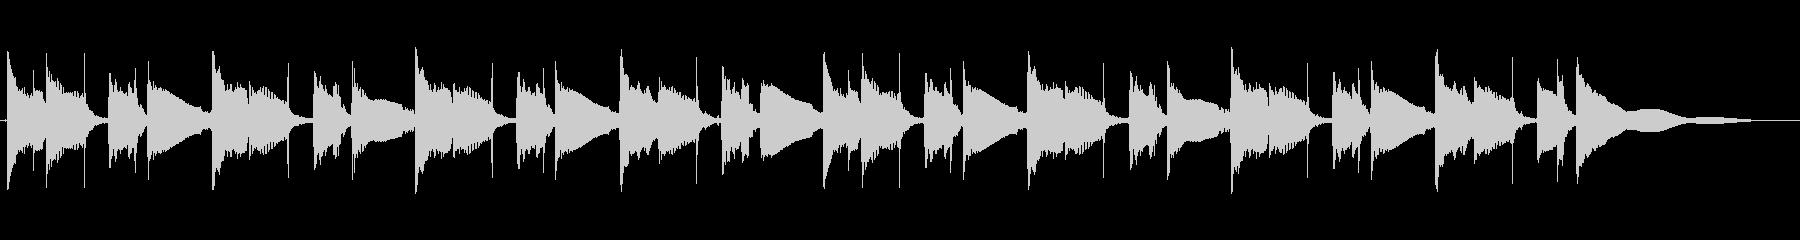 生演奏・優しいソロアコギの未再生の波形